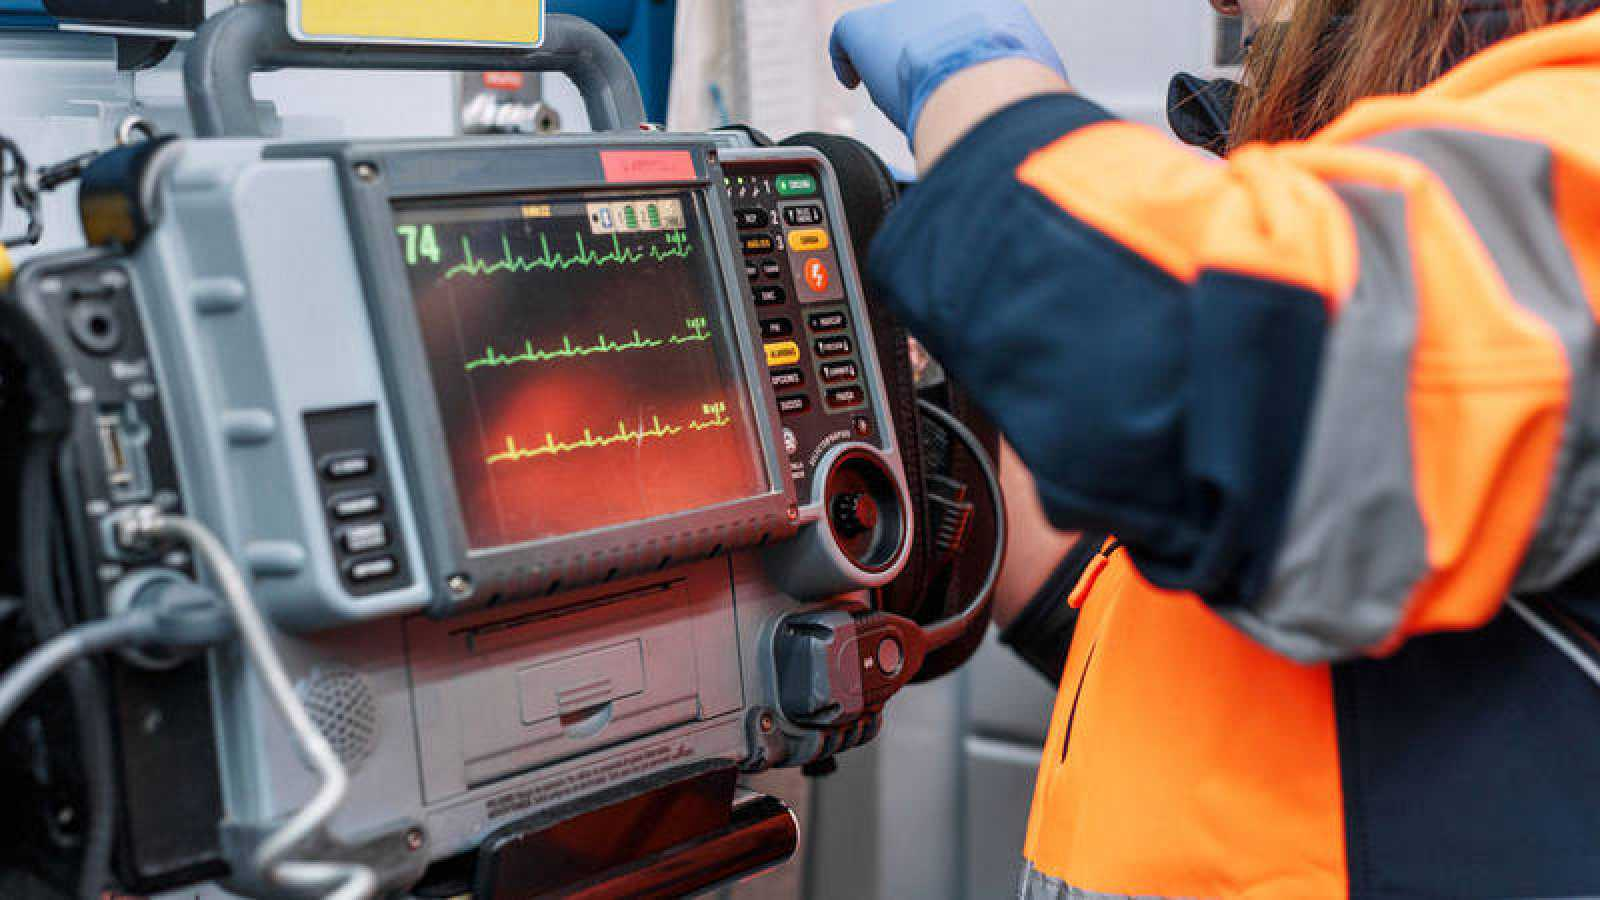 Un desfibrilador en una ambulancia